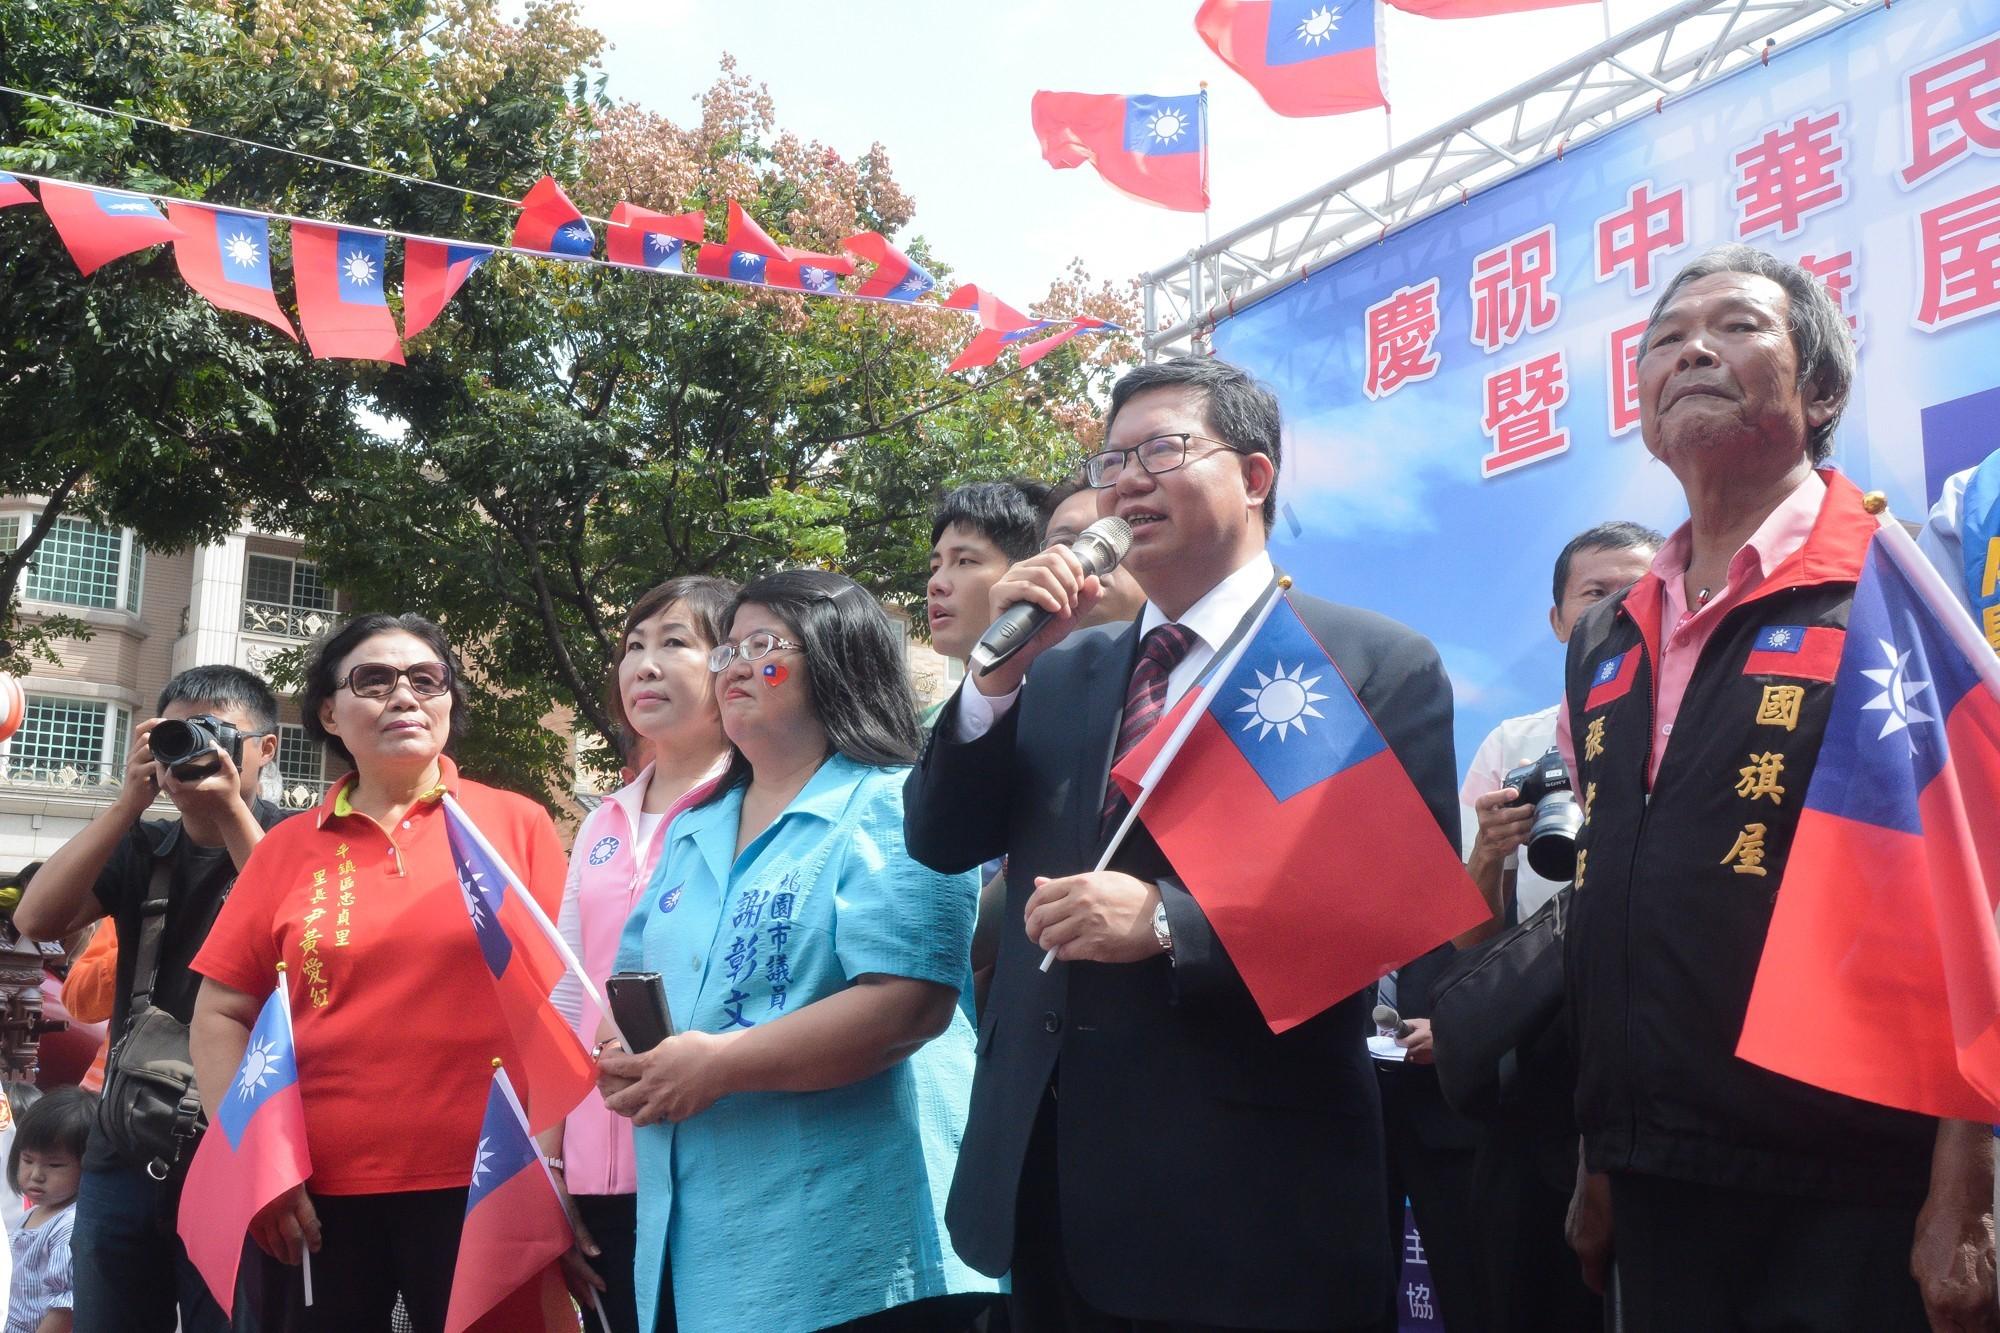 市長致詞表示,國旗代表國家,愛國心是自然展現的